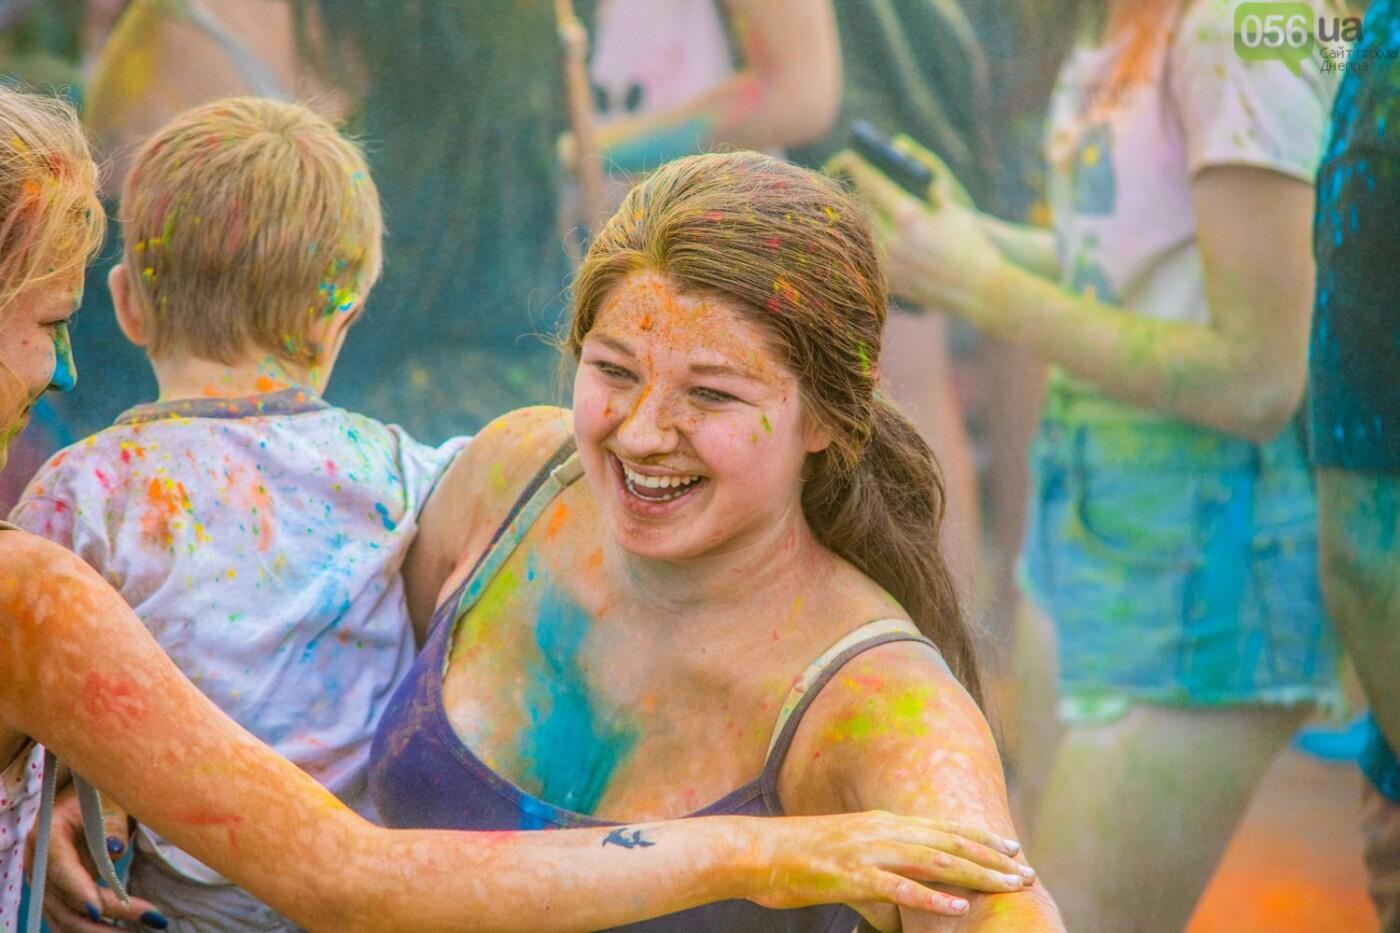 Фестиваль красок и свадьбы: как в Днепре прошел День молодежи, - ФОТОРЕПОРТАЖ, ВИДЕО, фото-13